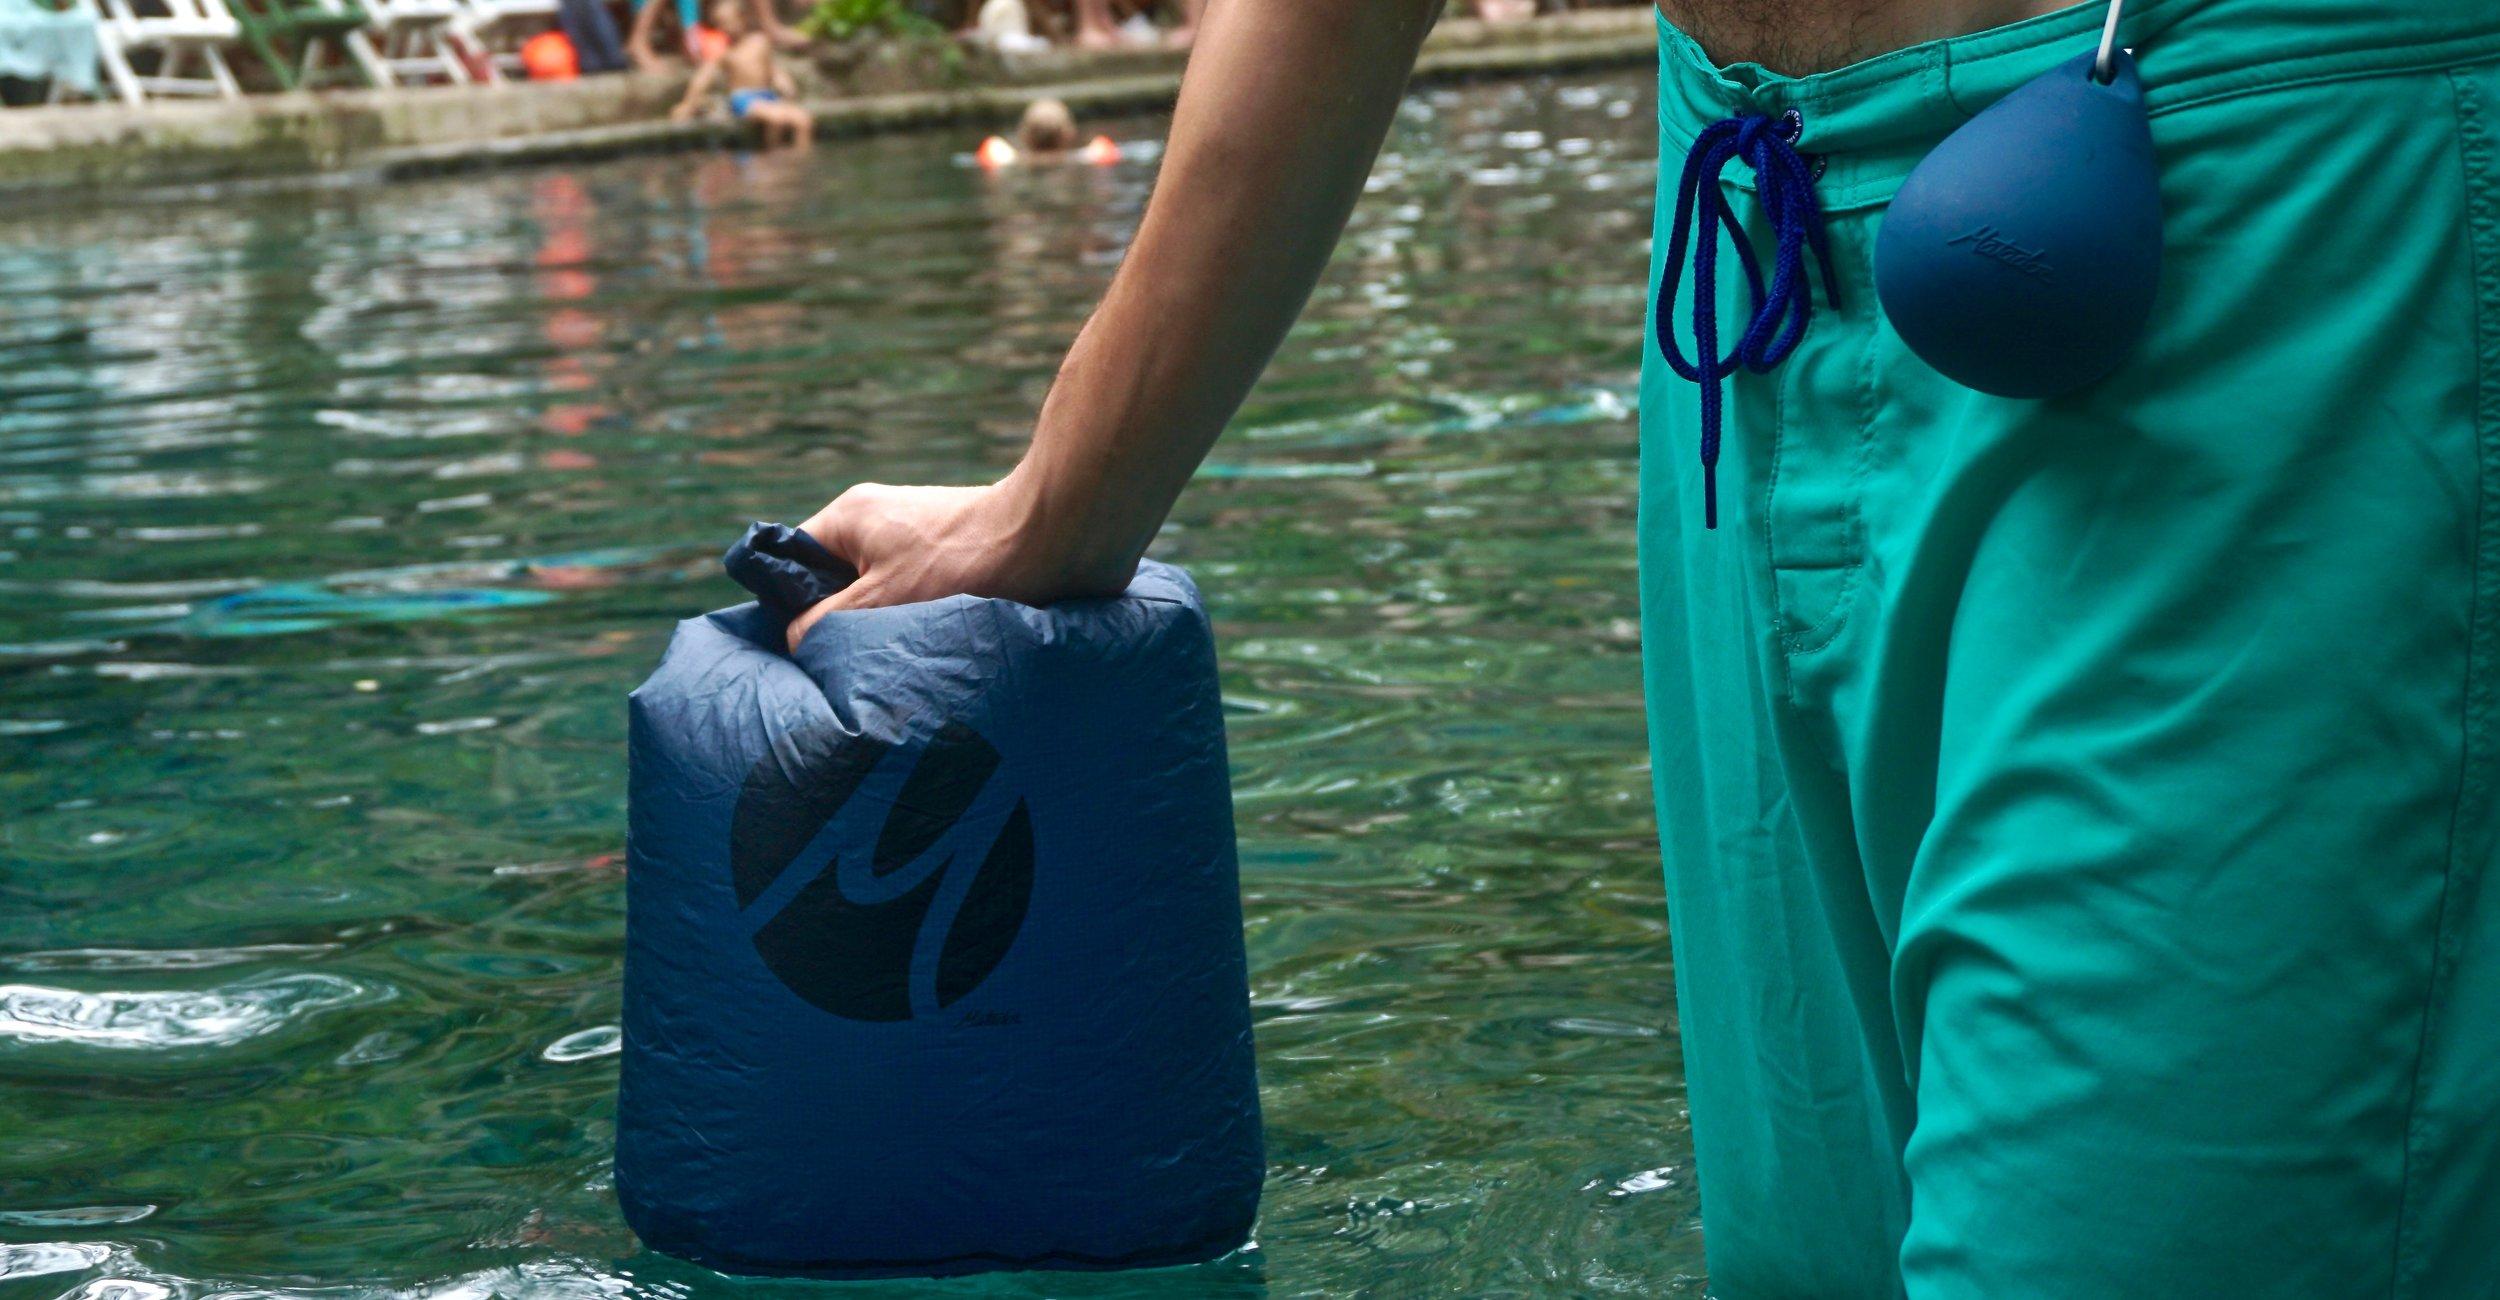 Matador Droplet XL Dry Bag - $39.99